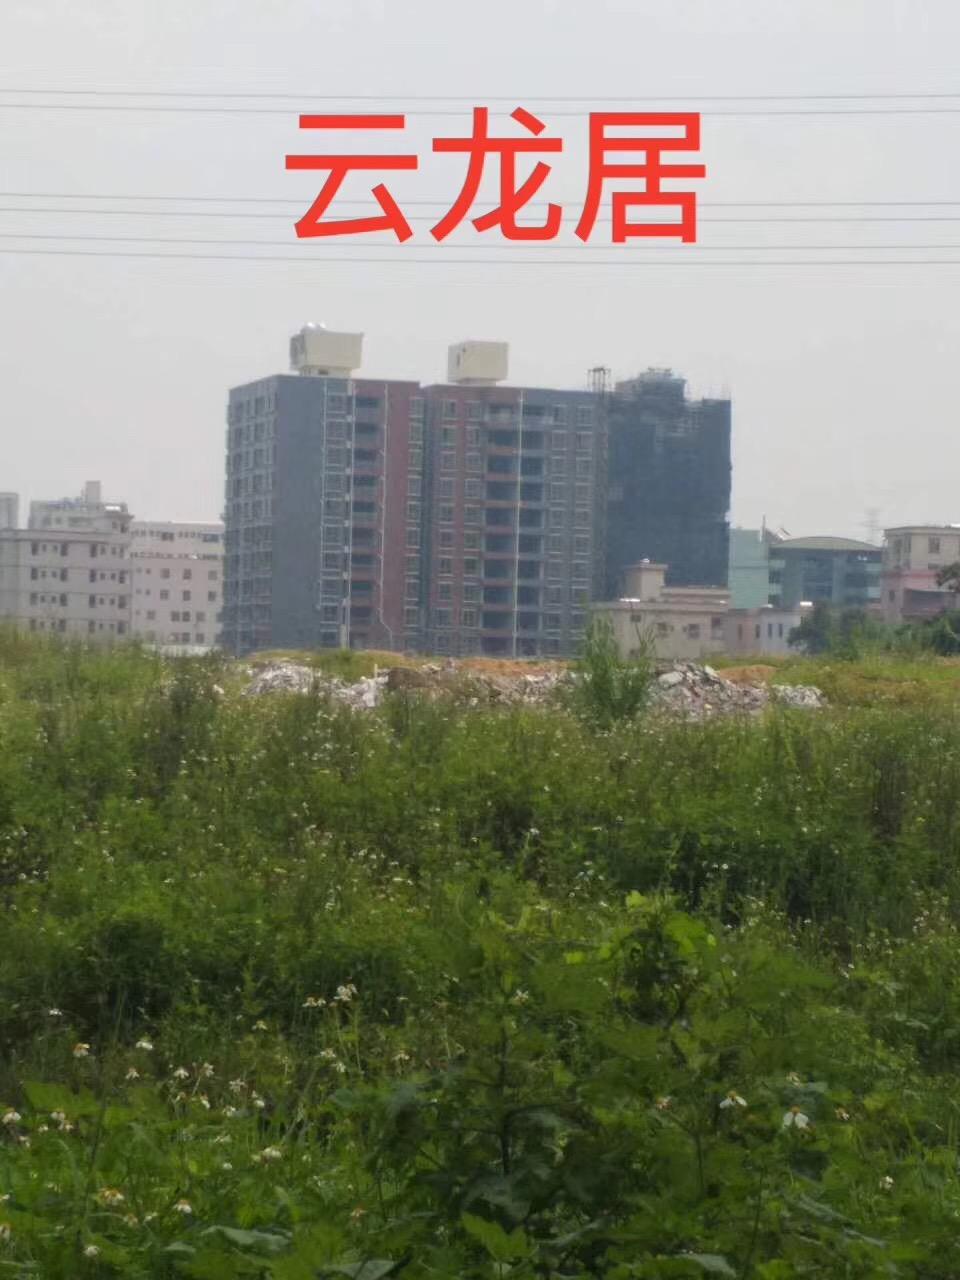 虎门 云龙居 4栋大型地下停车场新楼盘首付5成 分期2年